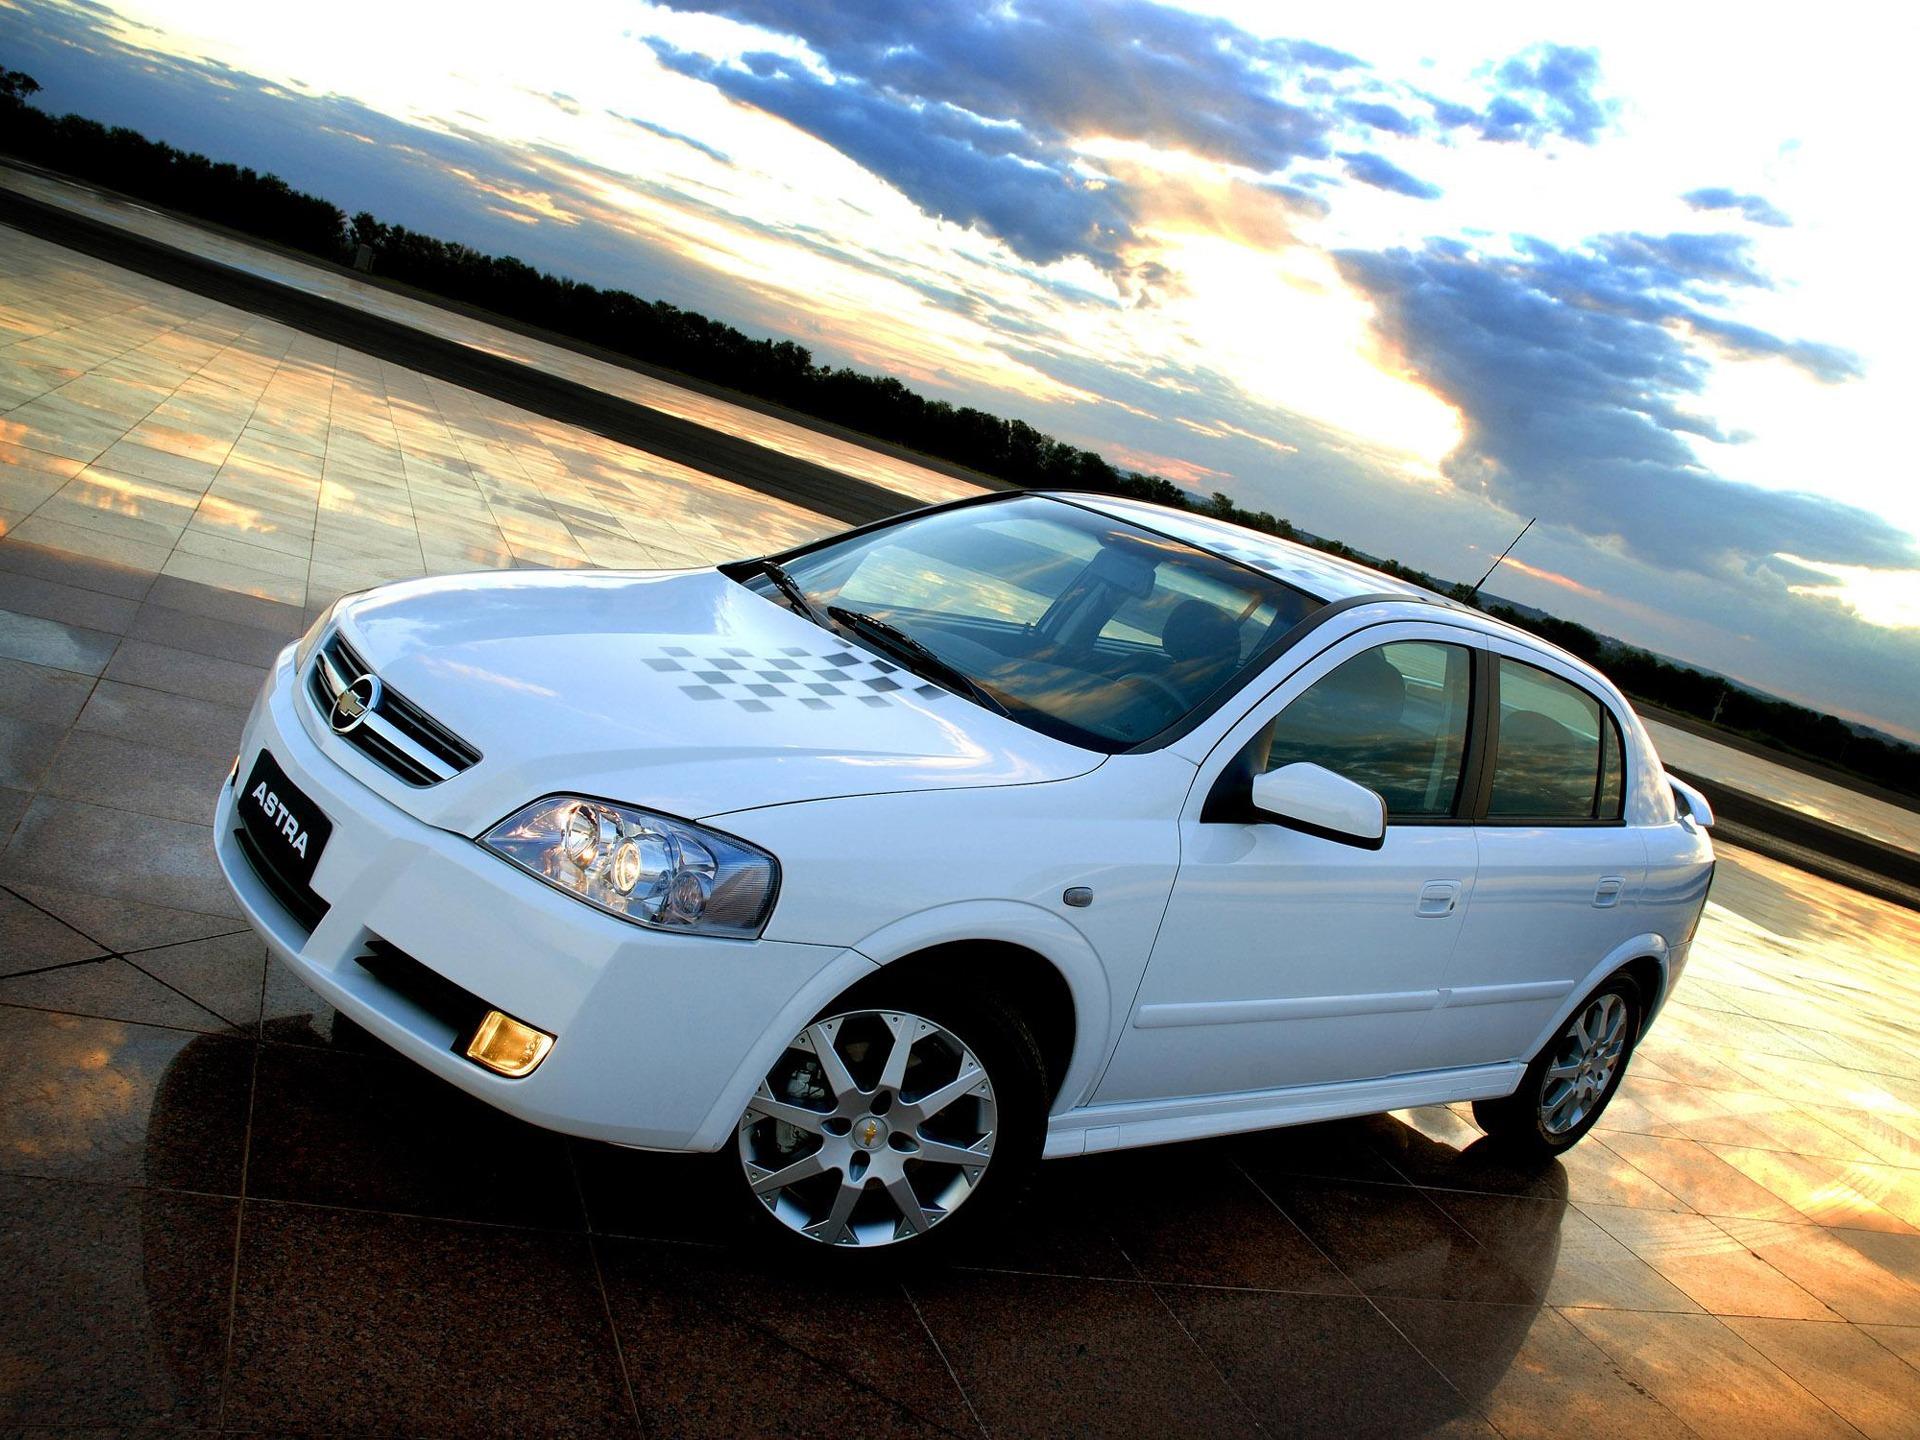 chevrolet astra 2011 branco de frente